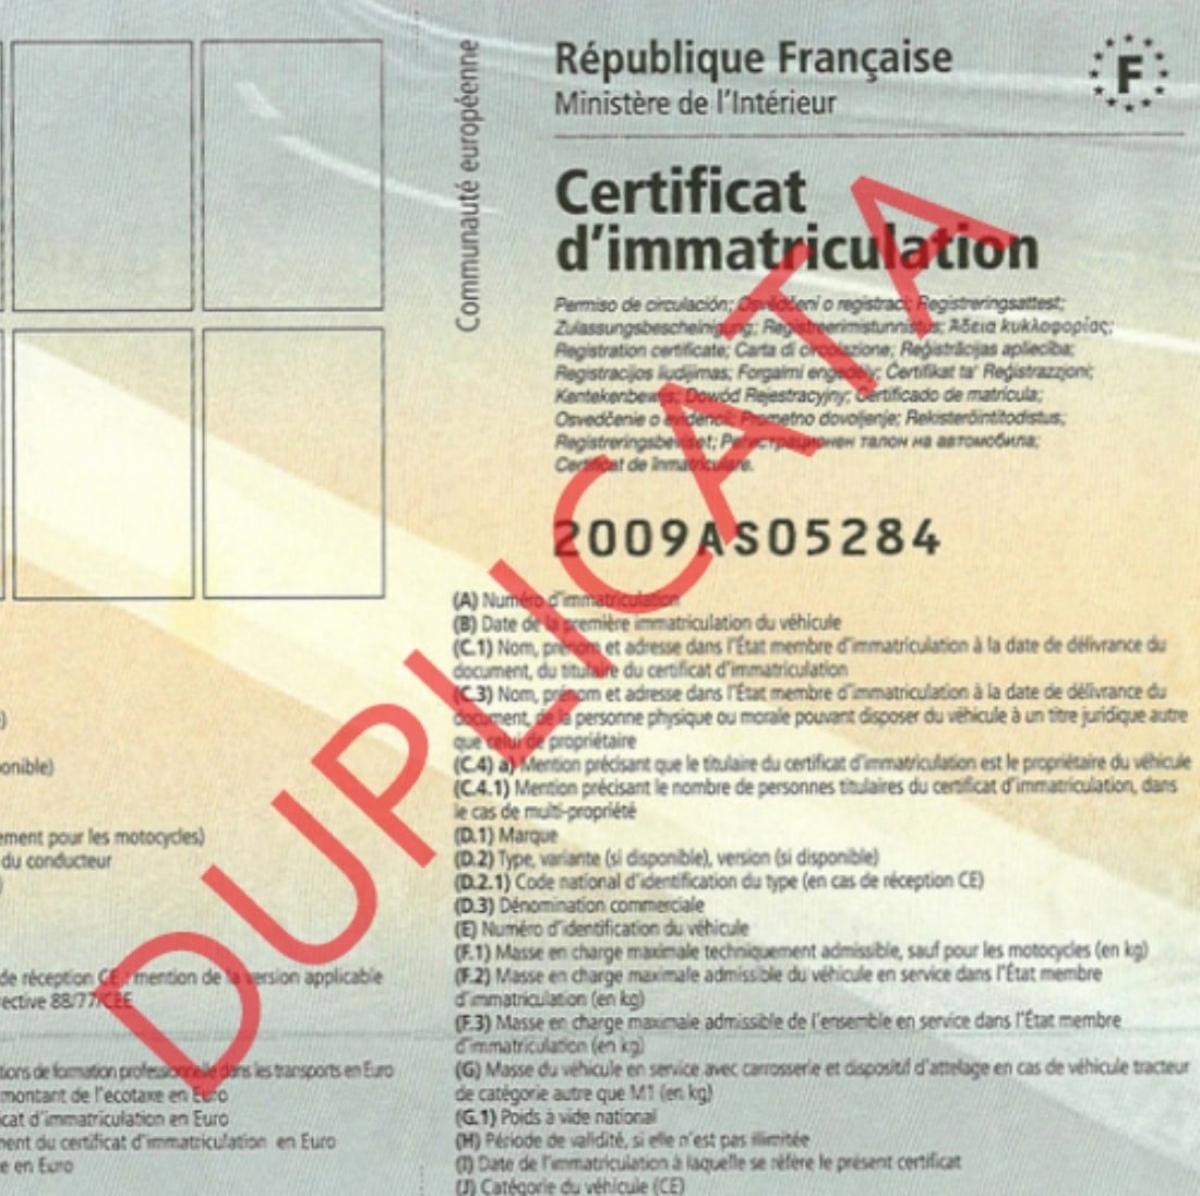 Archivage définitif des permis de conduire et des cartes grises non récupérés